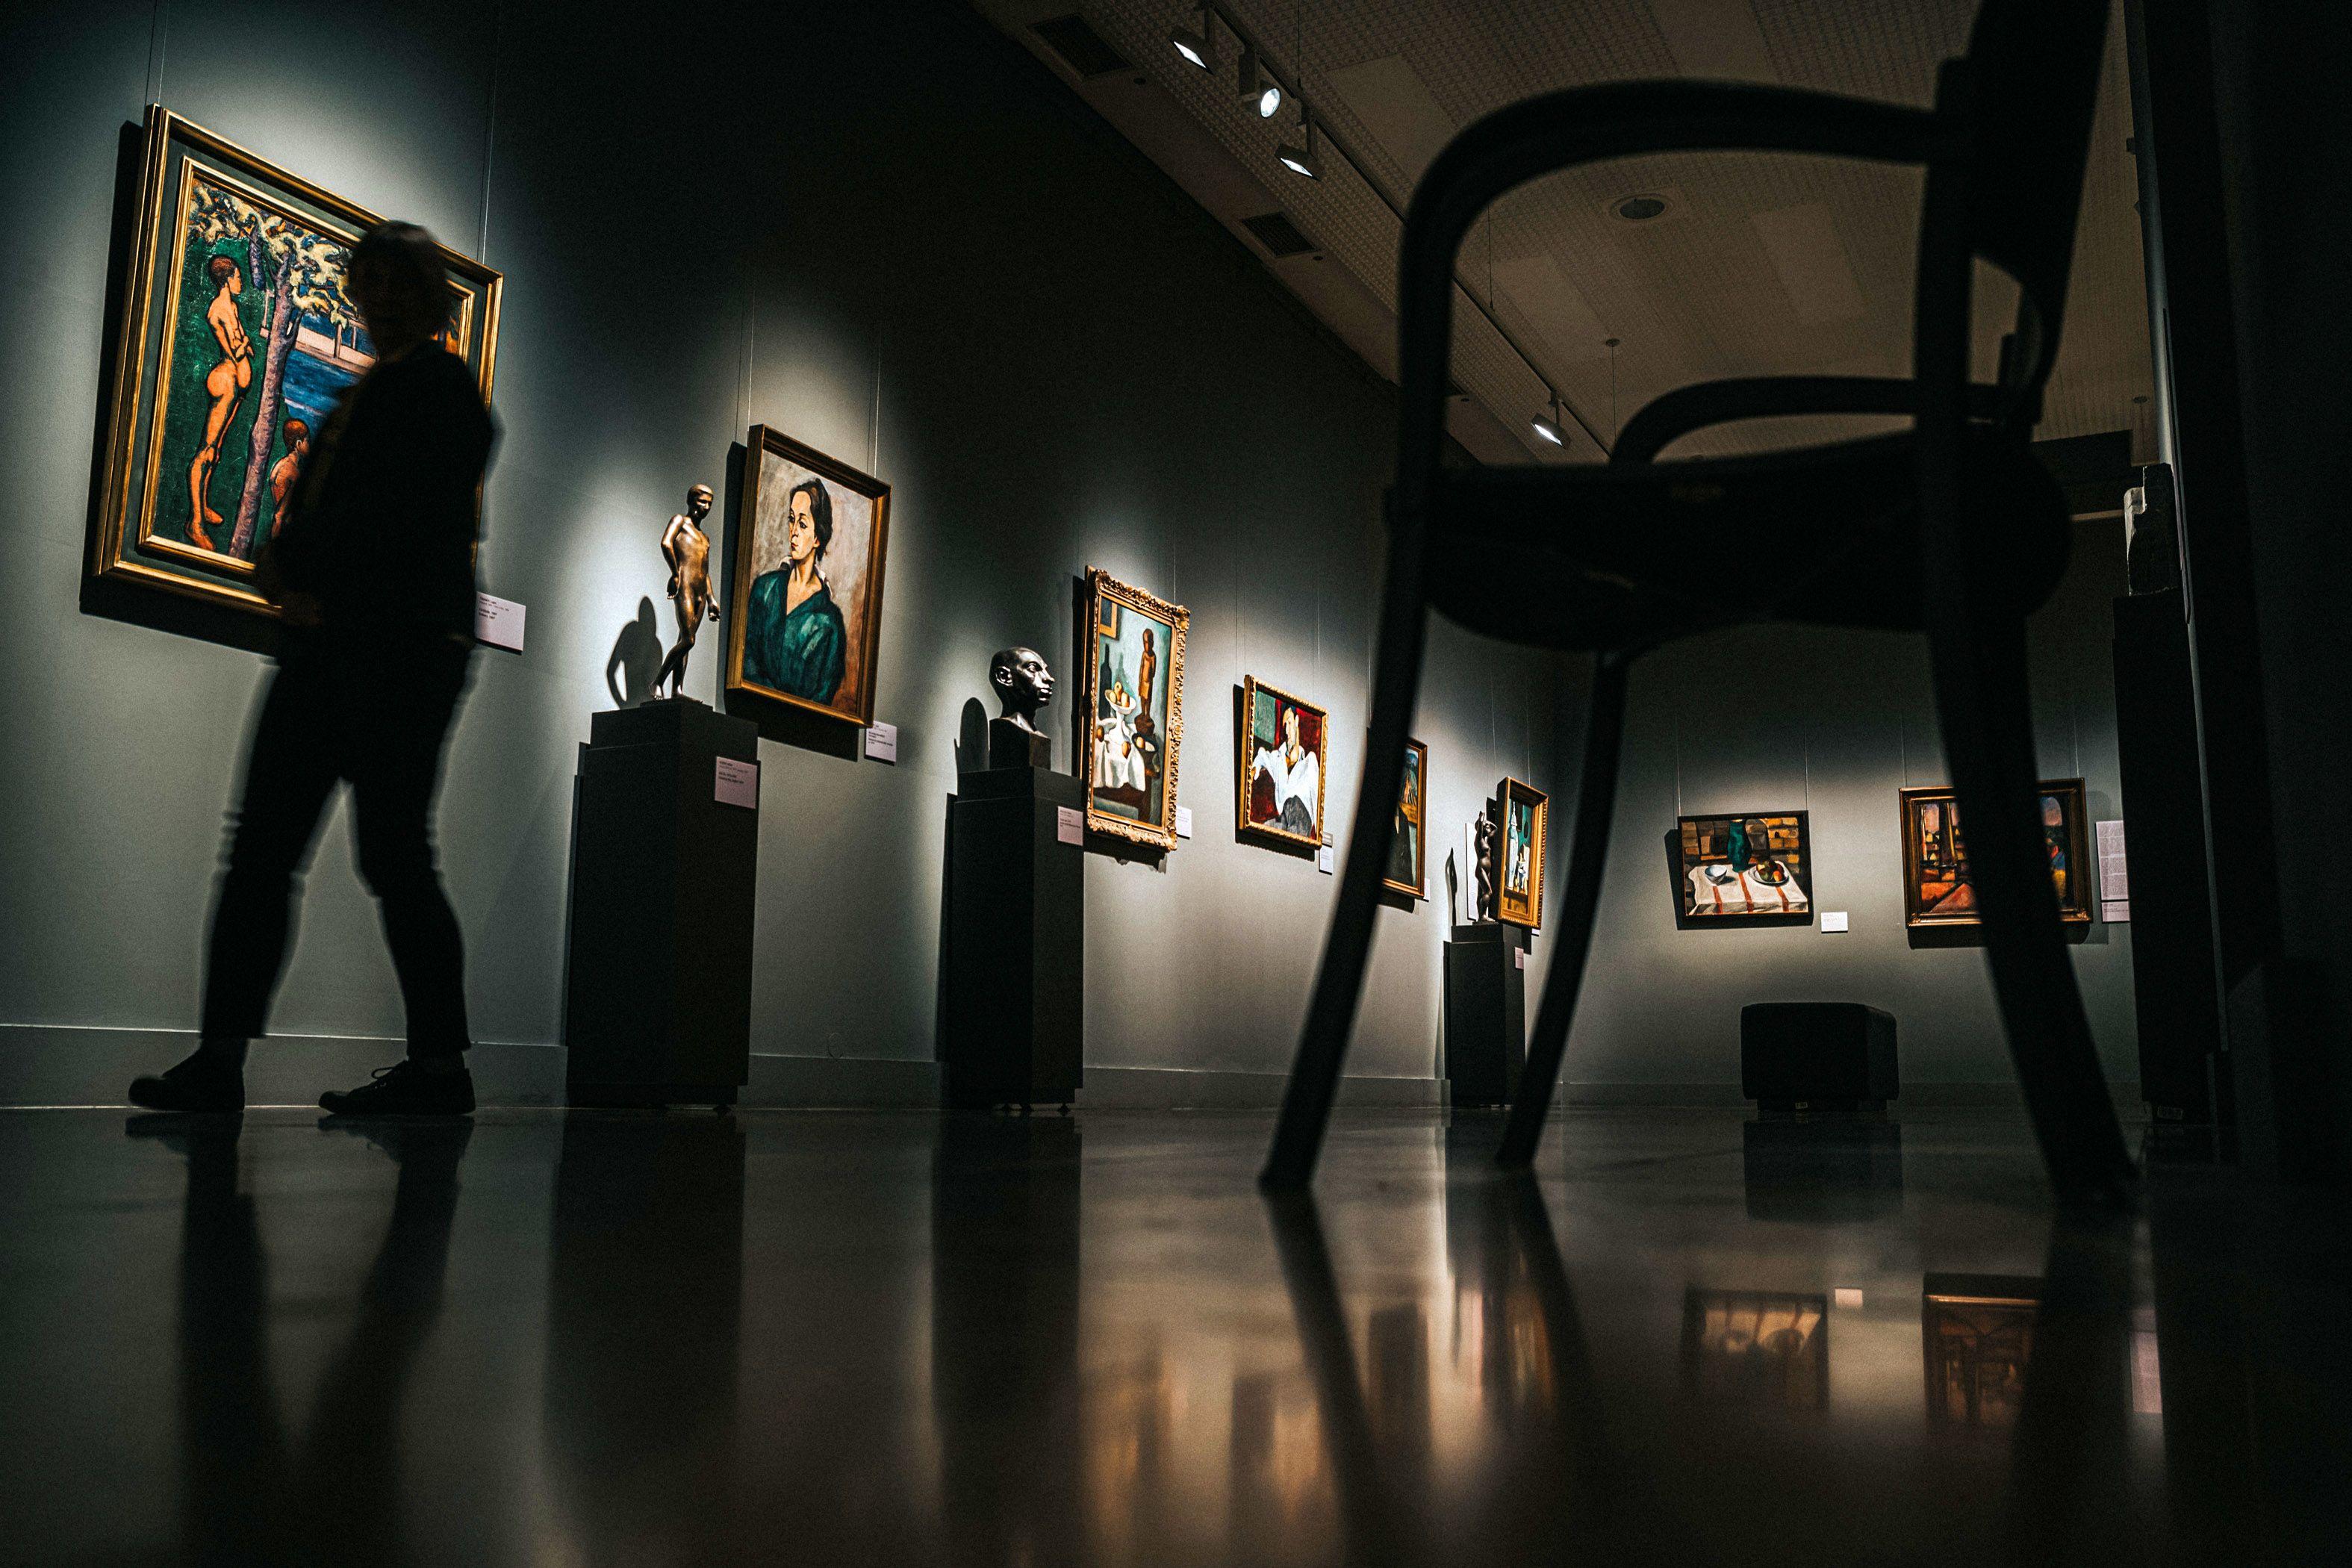 Image: 73903799, Magyar Nemzeti Galéria (MNG) illusztrációk, legdrágább festmények, Berény Róbert: Weiner Leó portréja, Place: Budapest, Hungary, Model Release: No or not aplicable, Property Release: Yes, Credit: smagpictures.com